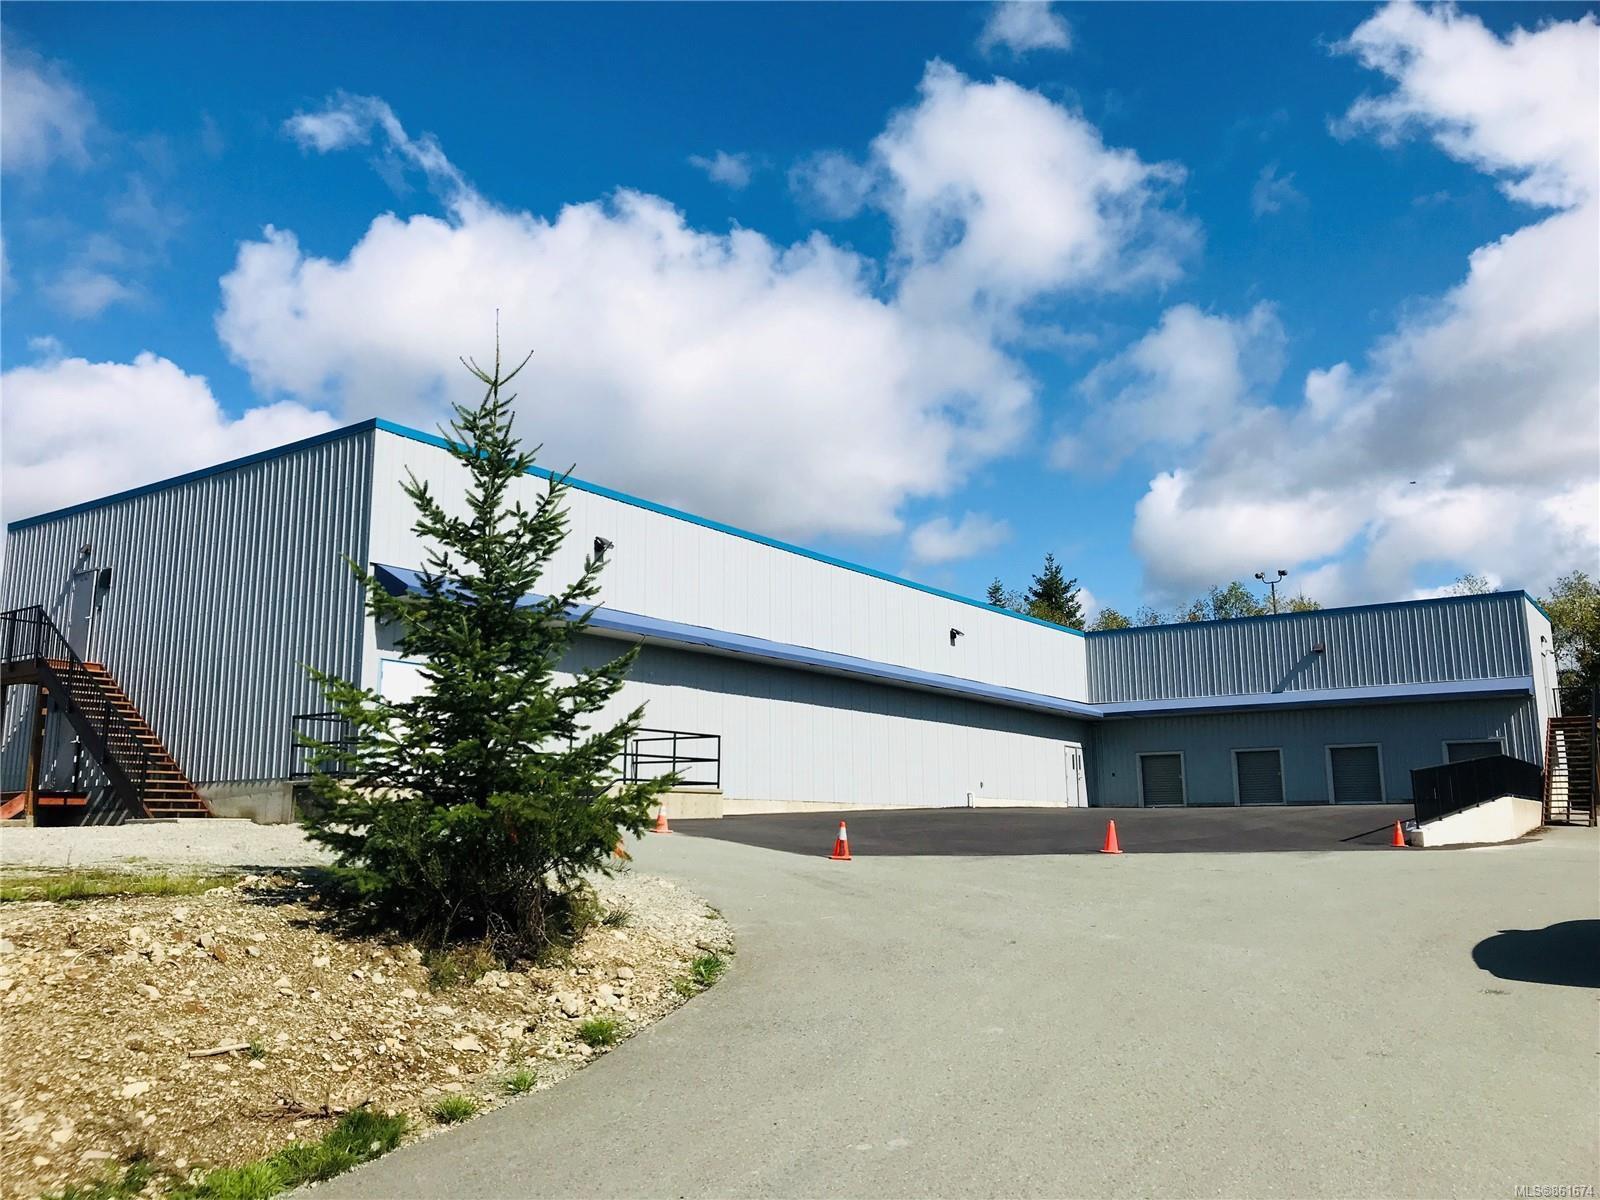 Main Photo: 4747 Tebo Ave in : PA Port Alberni Industrial for sale (Port Alberni)  : MLS®# 861674